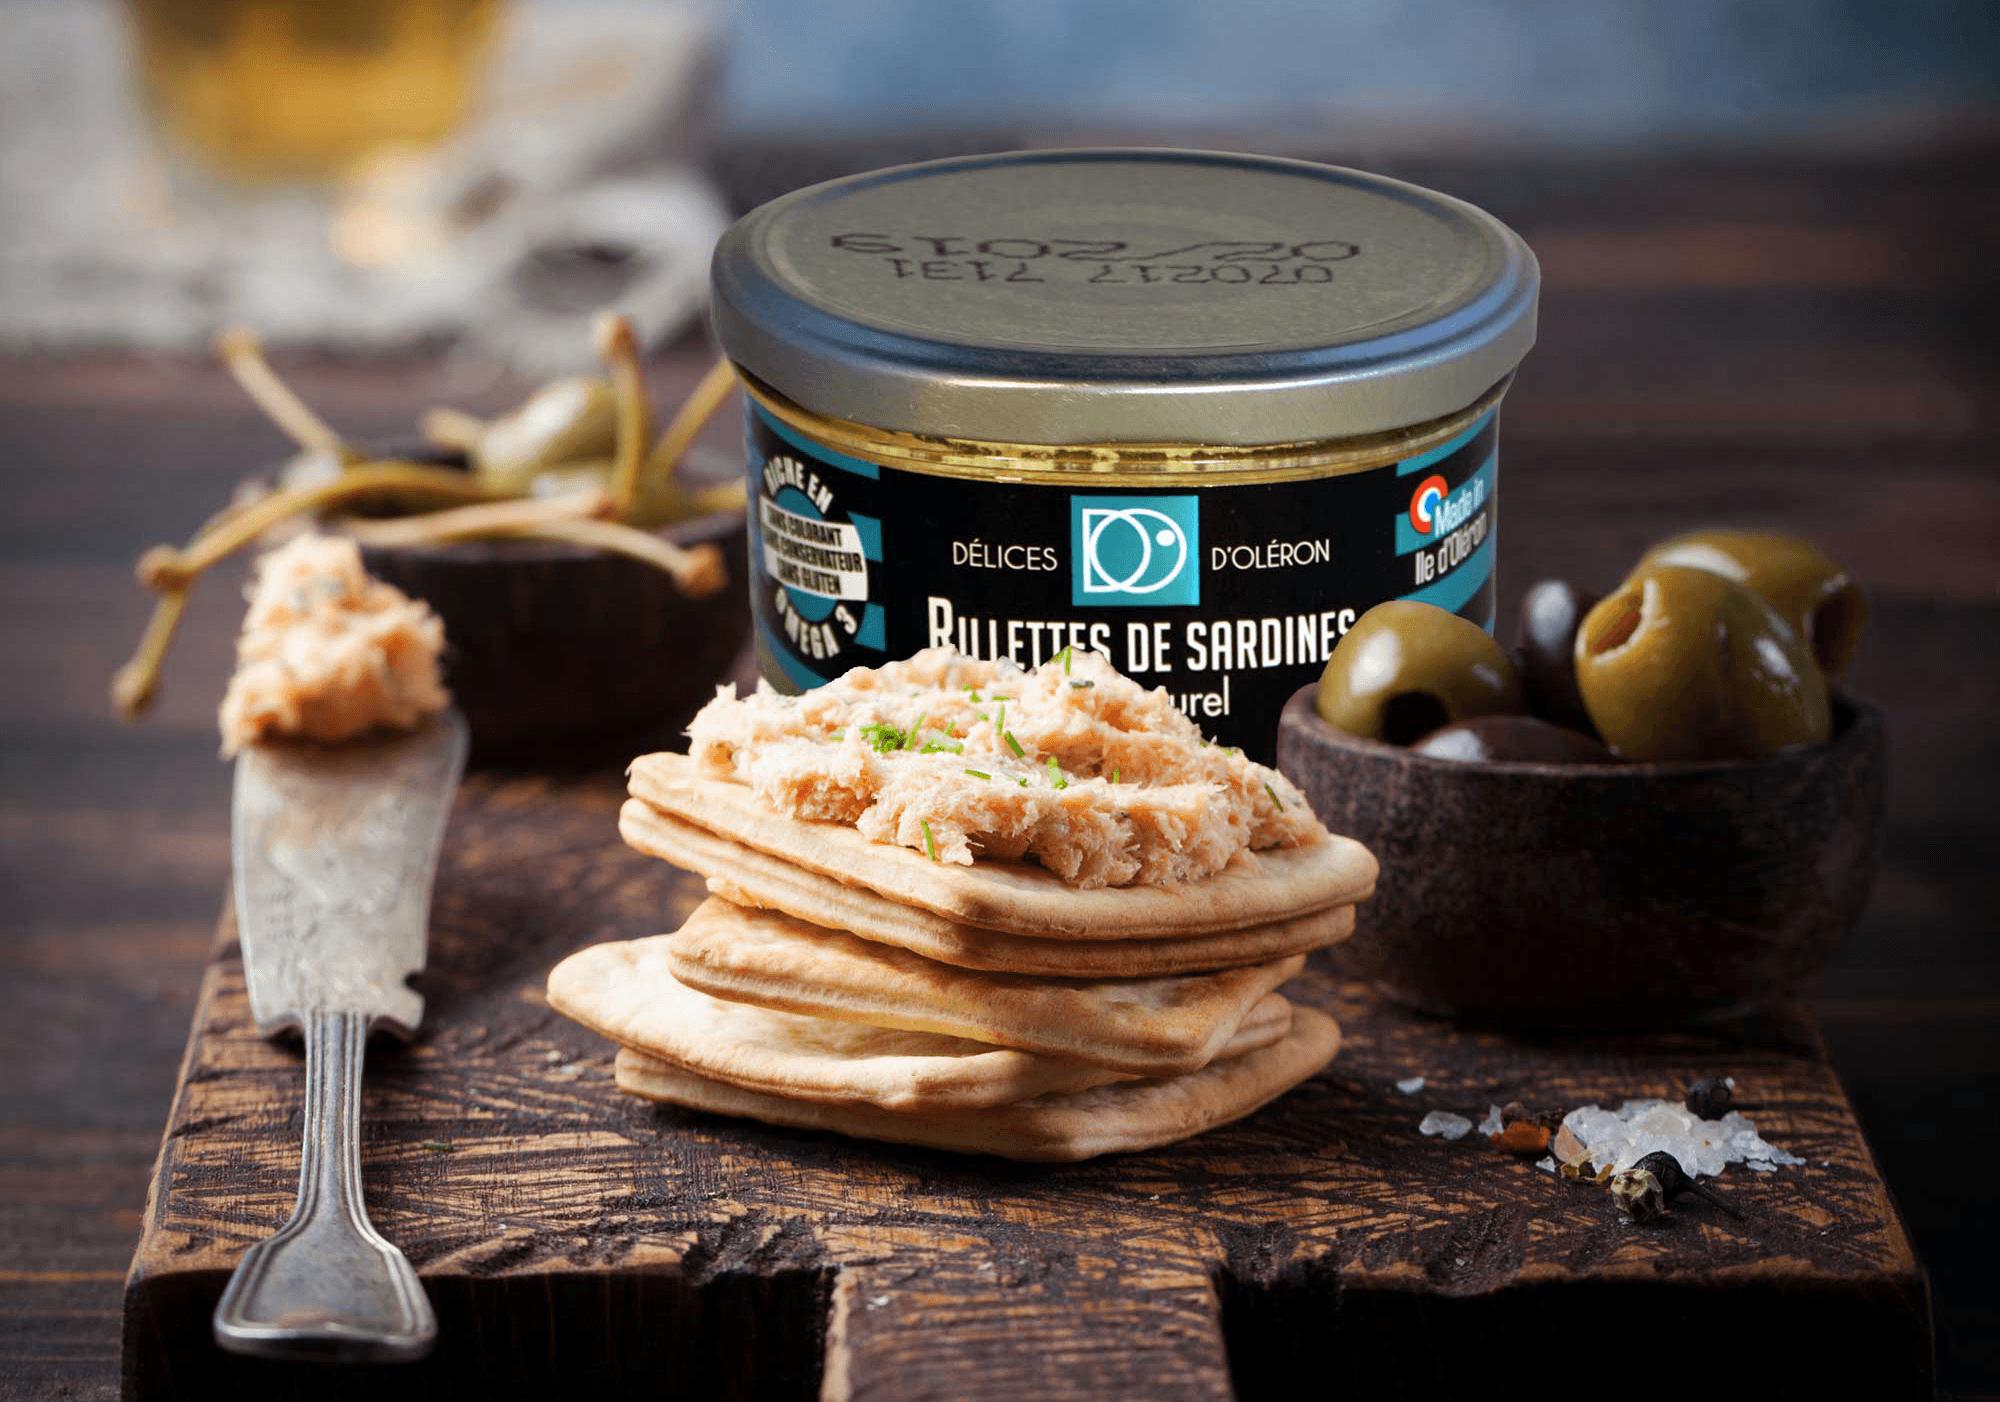 rillettes de sardines - Délices d'Oléron